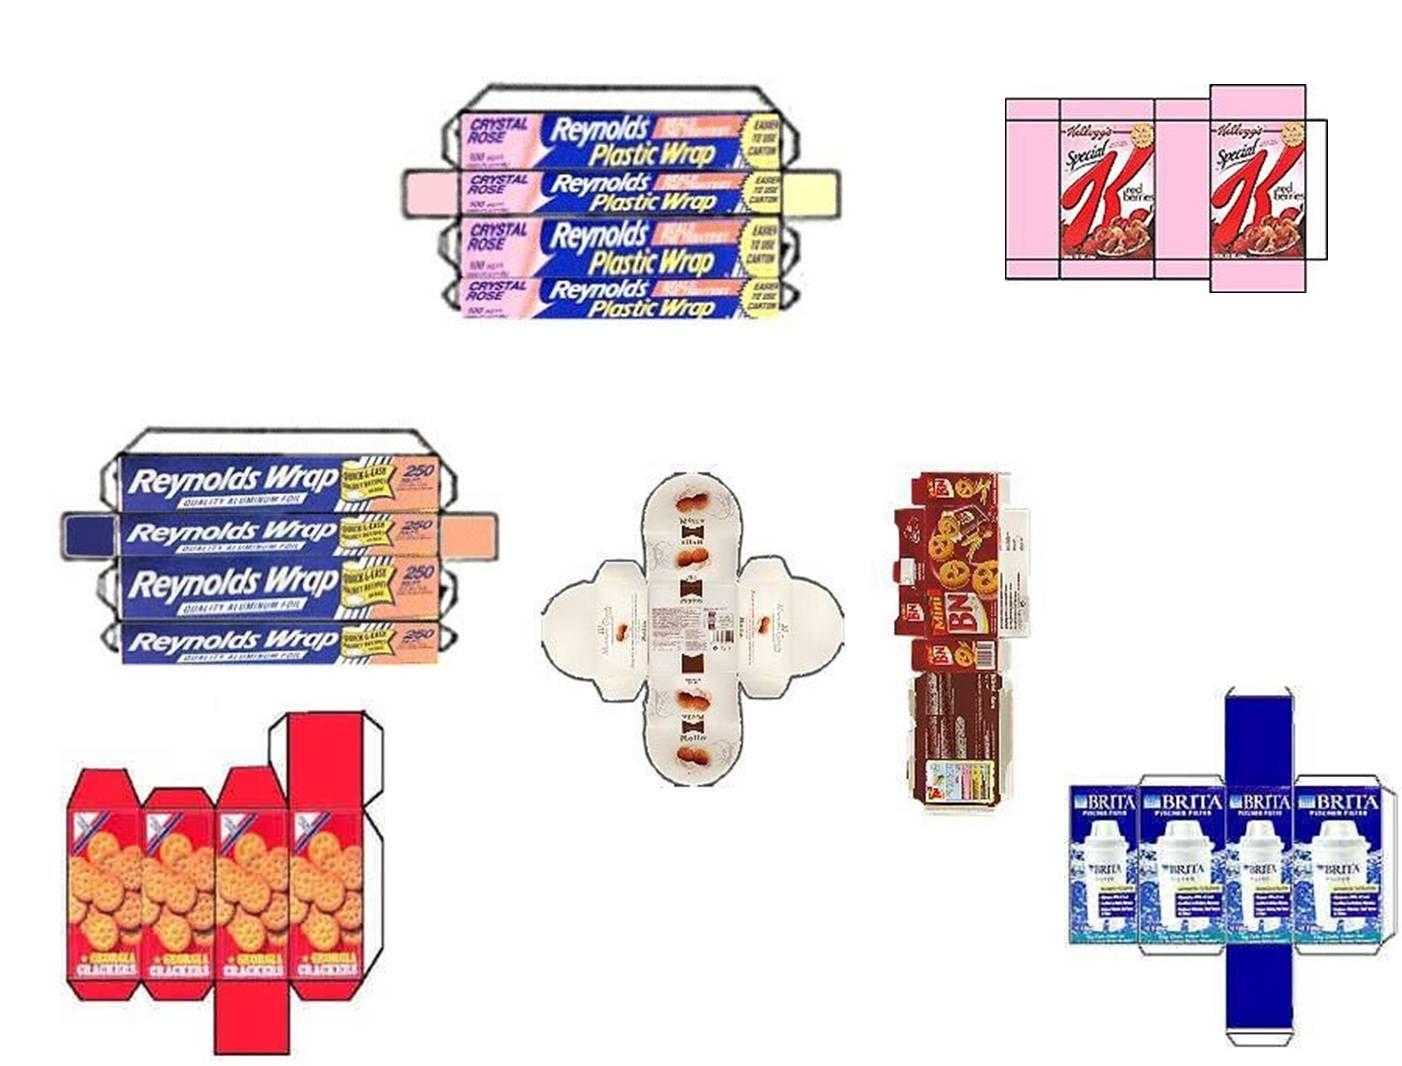 Miniaturas Para Casa De Muñecas A Escala 1 12 Con Muchos Tutoriales Para Que Hacerlo Tú Mismo Imprimibles Para Muñecas Imprimibles Miniaturas Cajas